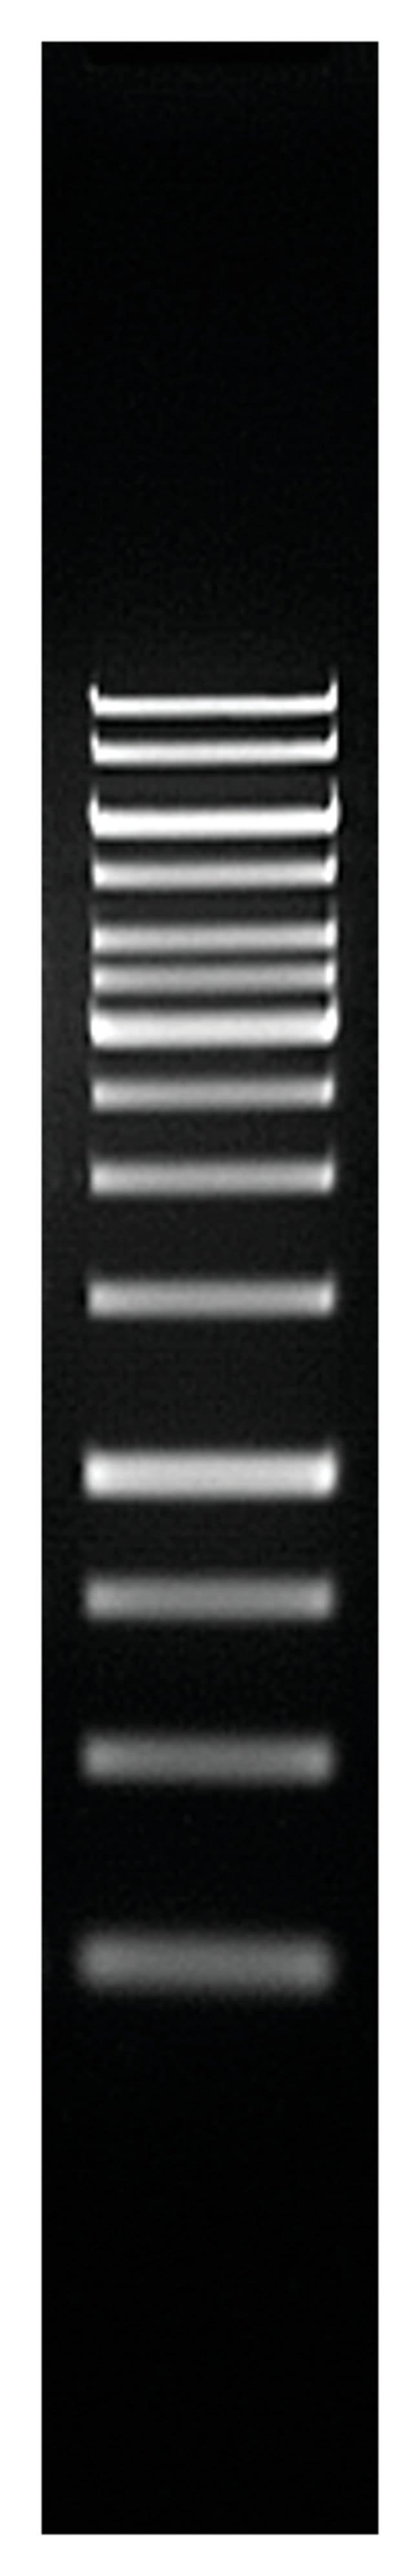 Thermo Scientific™GeneRuler 1 kb DNA Ladder: Biochemische Stoffe und Reagenzien Life Sciences